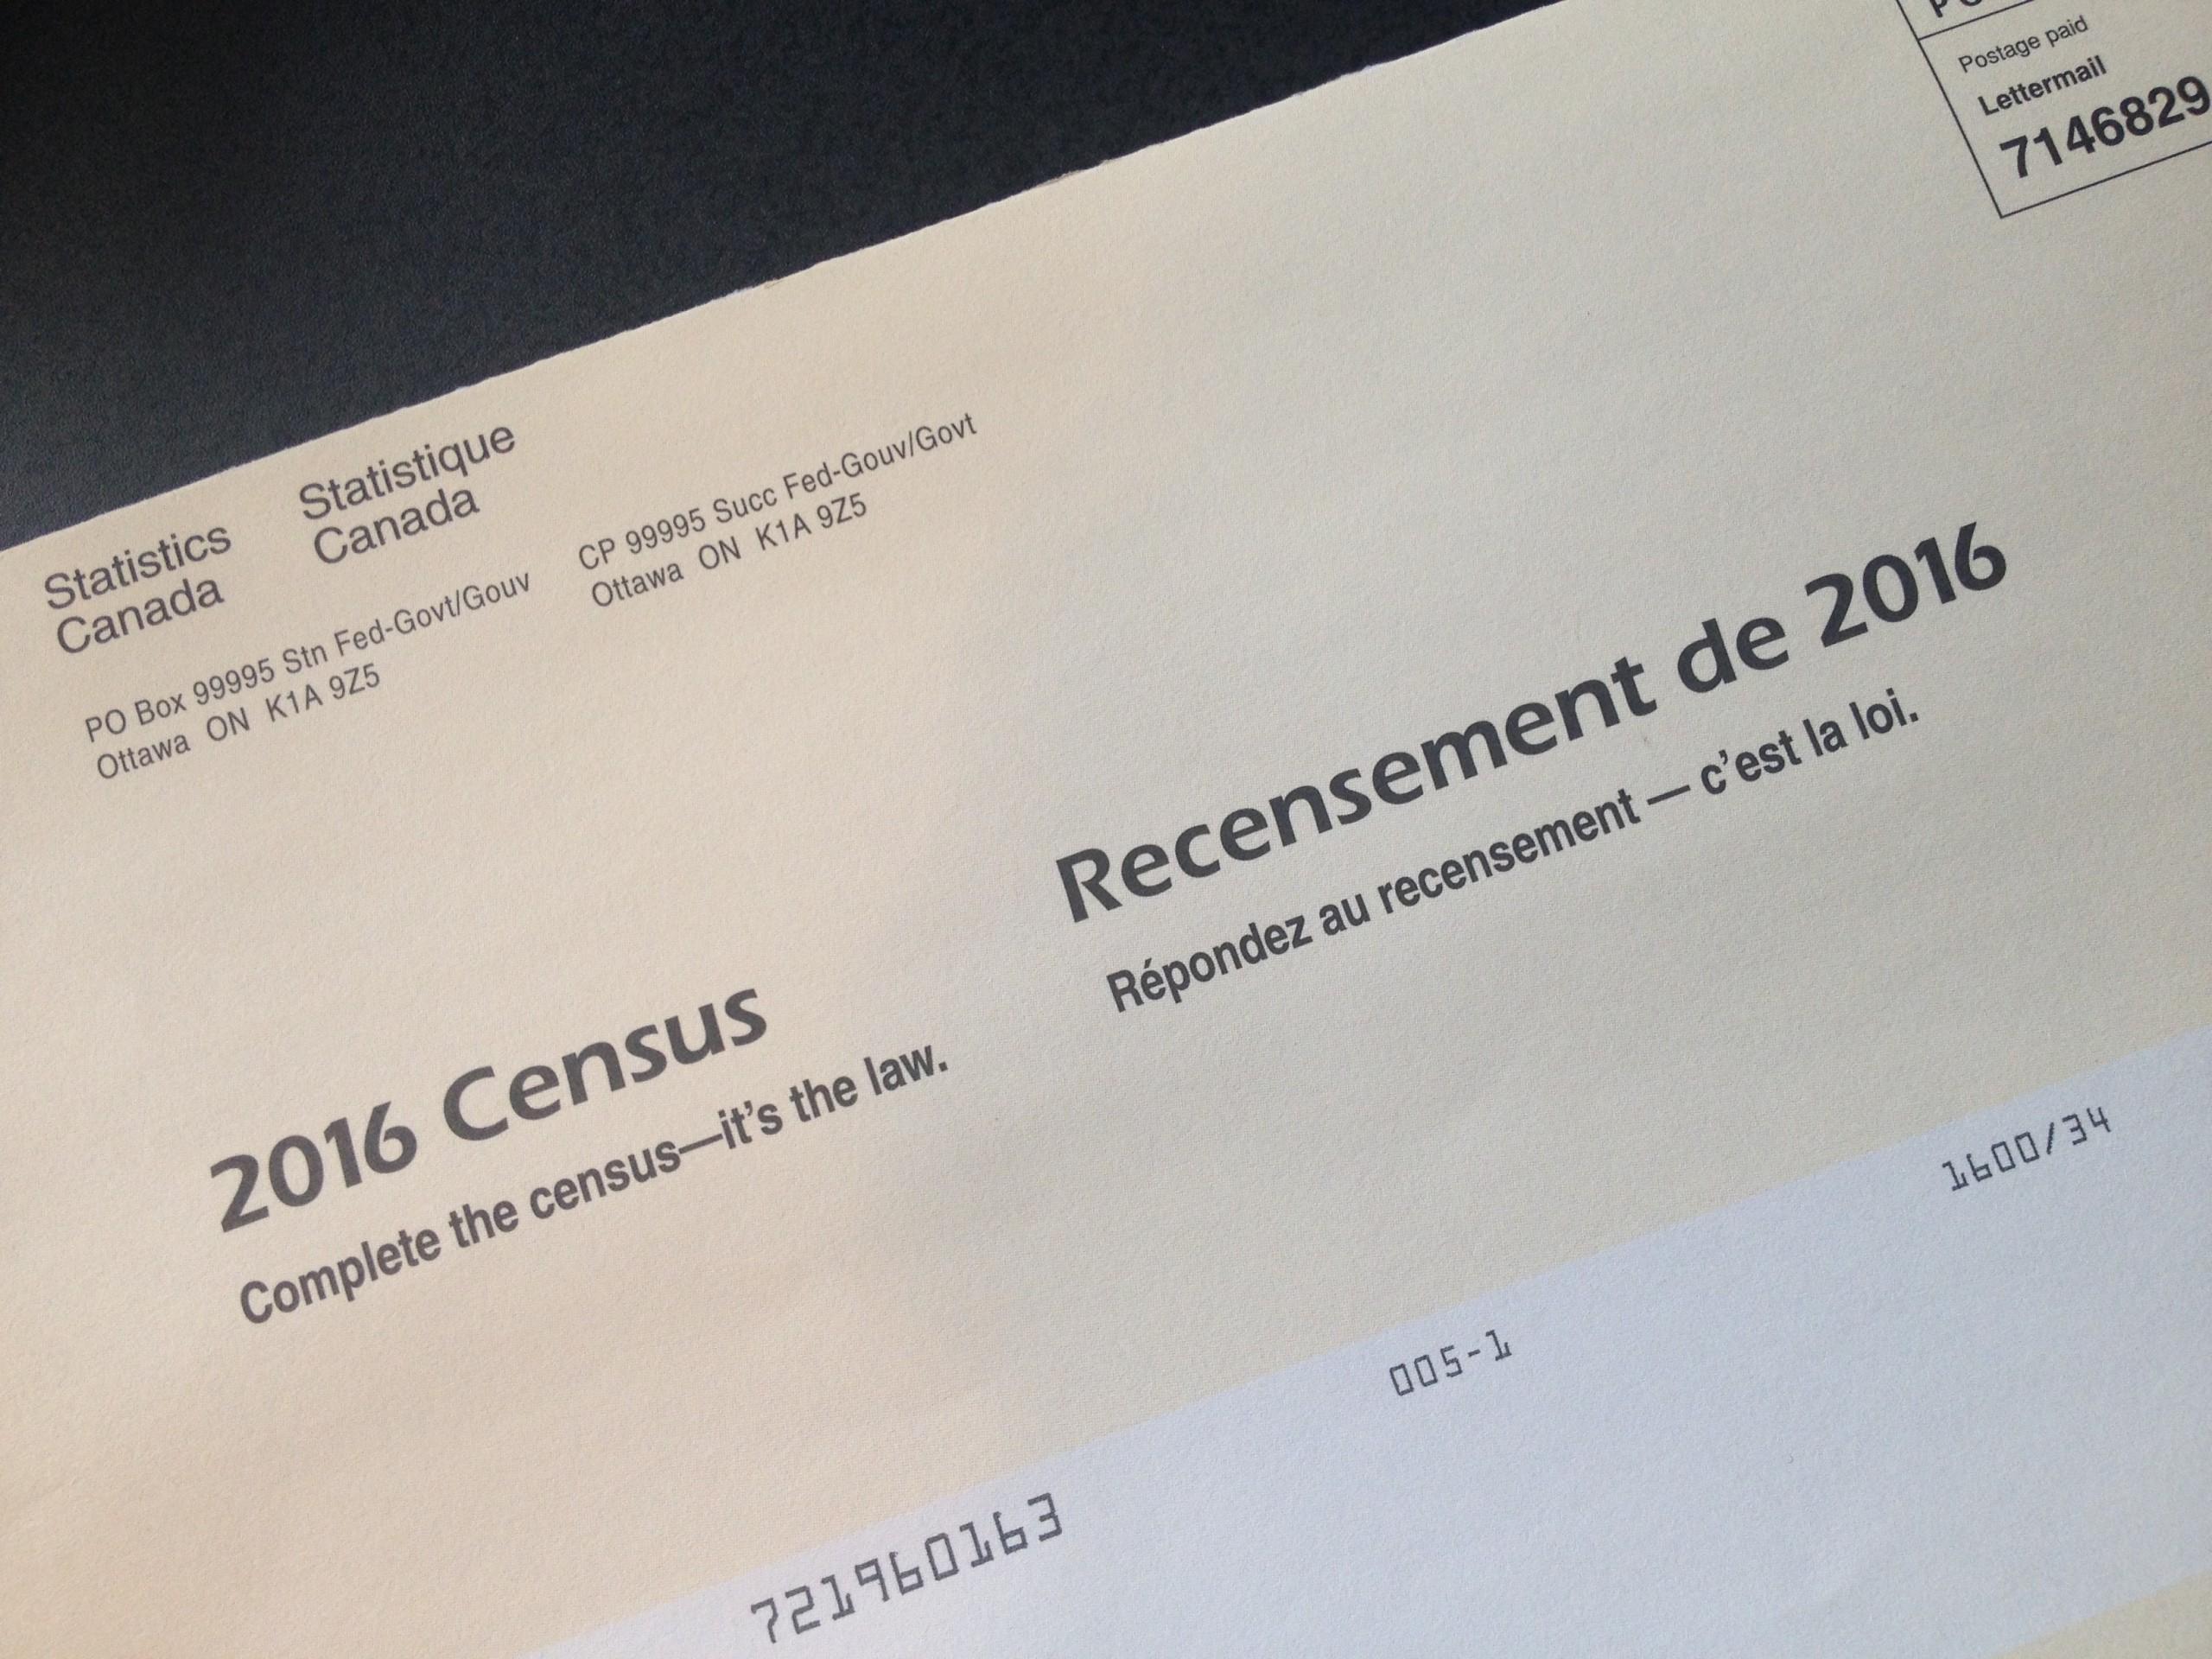 La importancia del Censo para los hispanos